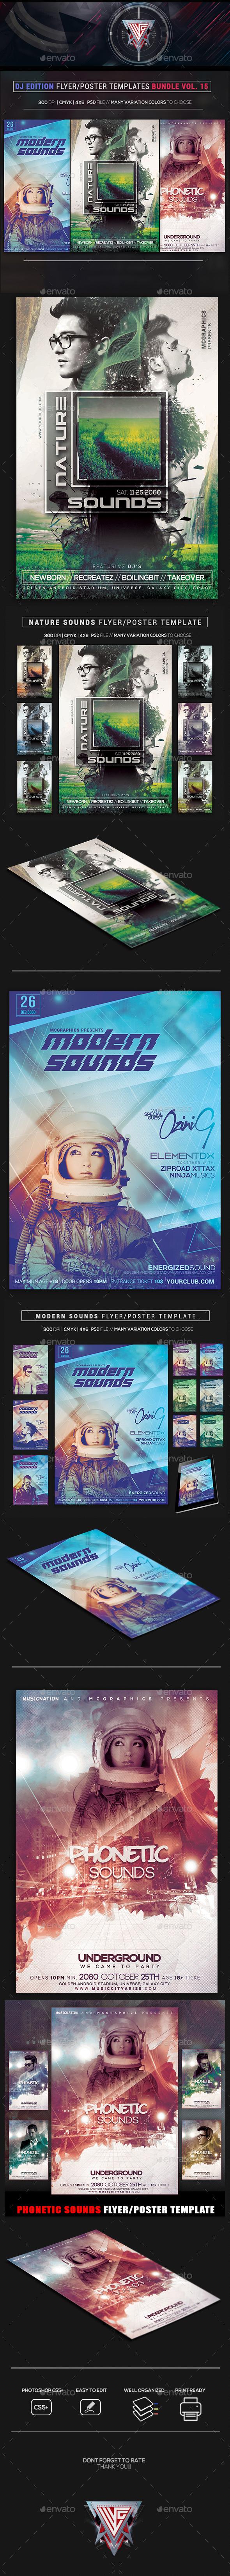 Guest DJ Party Flyer/Poster Bundle Vol. 15 - Events Flyers